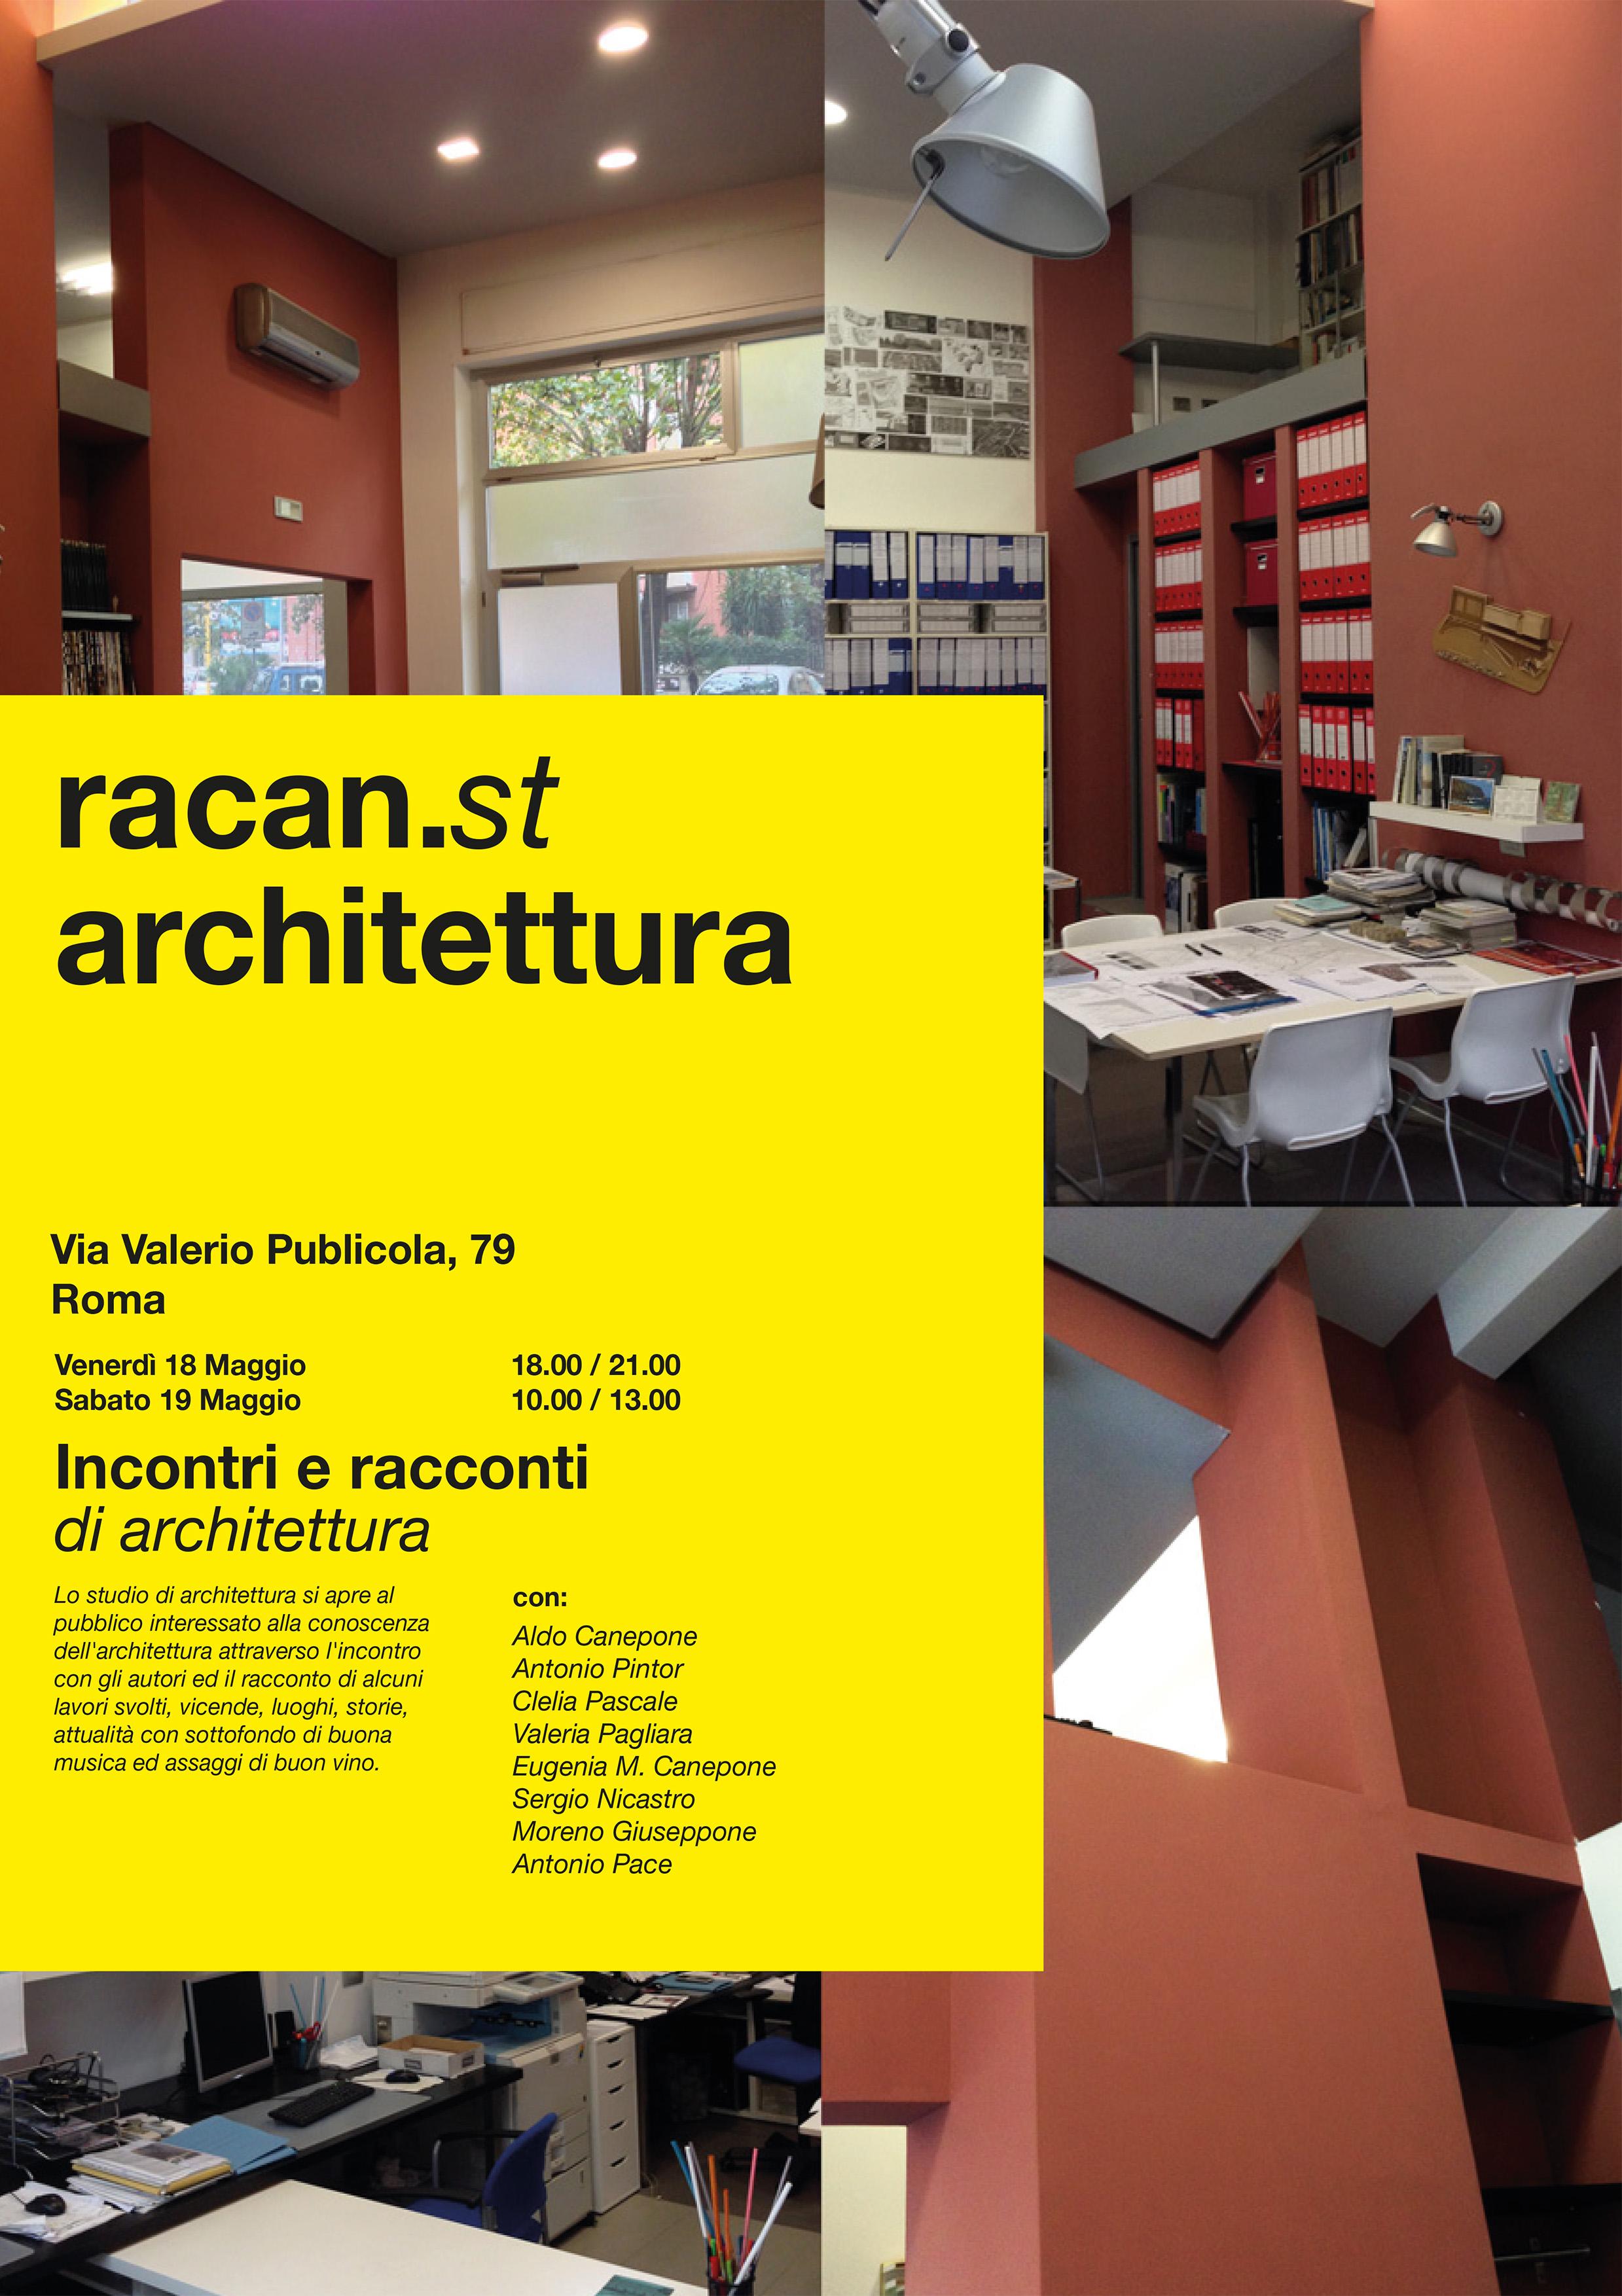 immagini di racan.st architettura